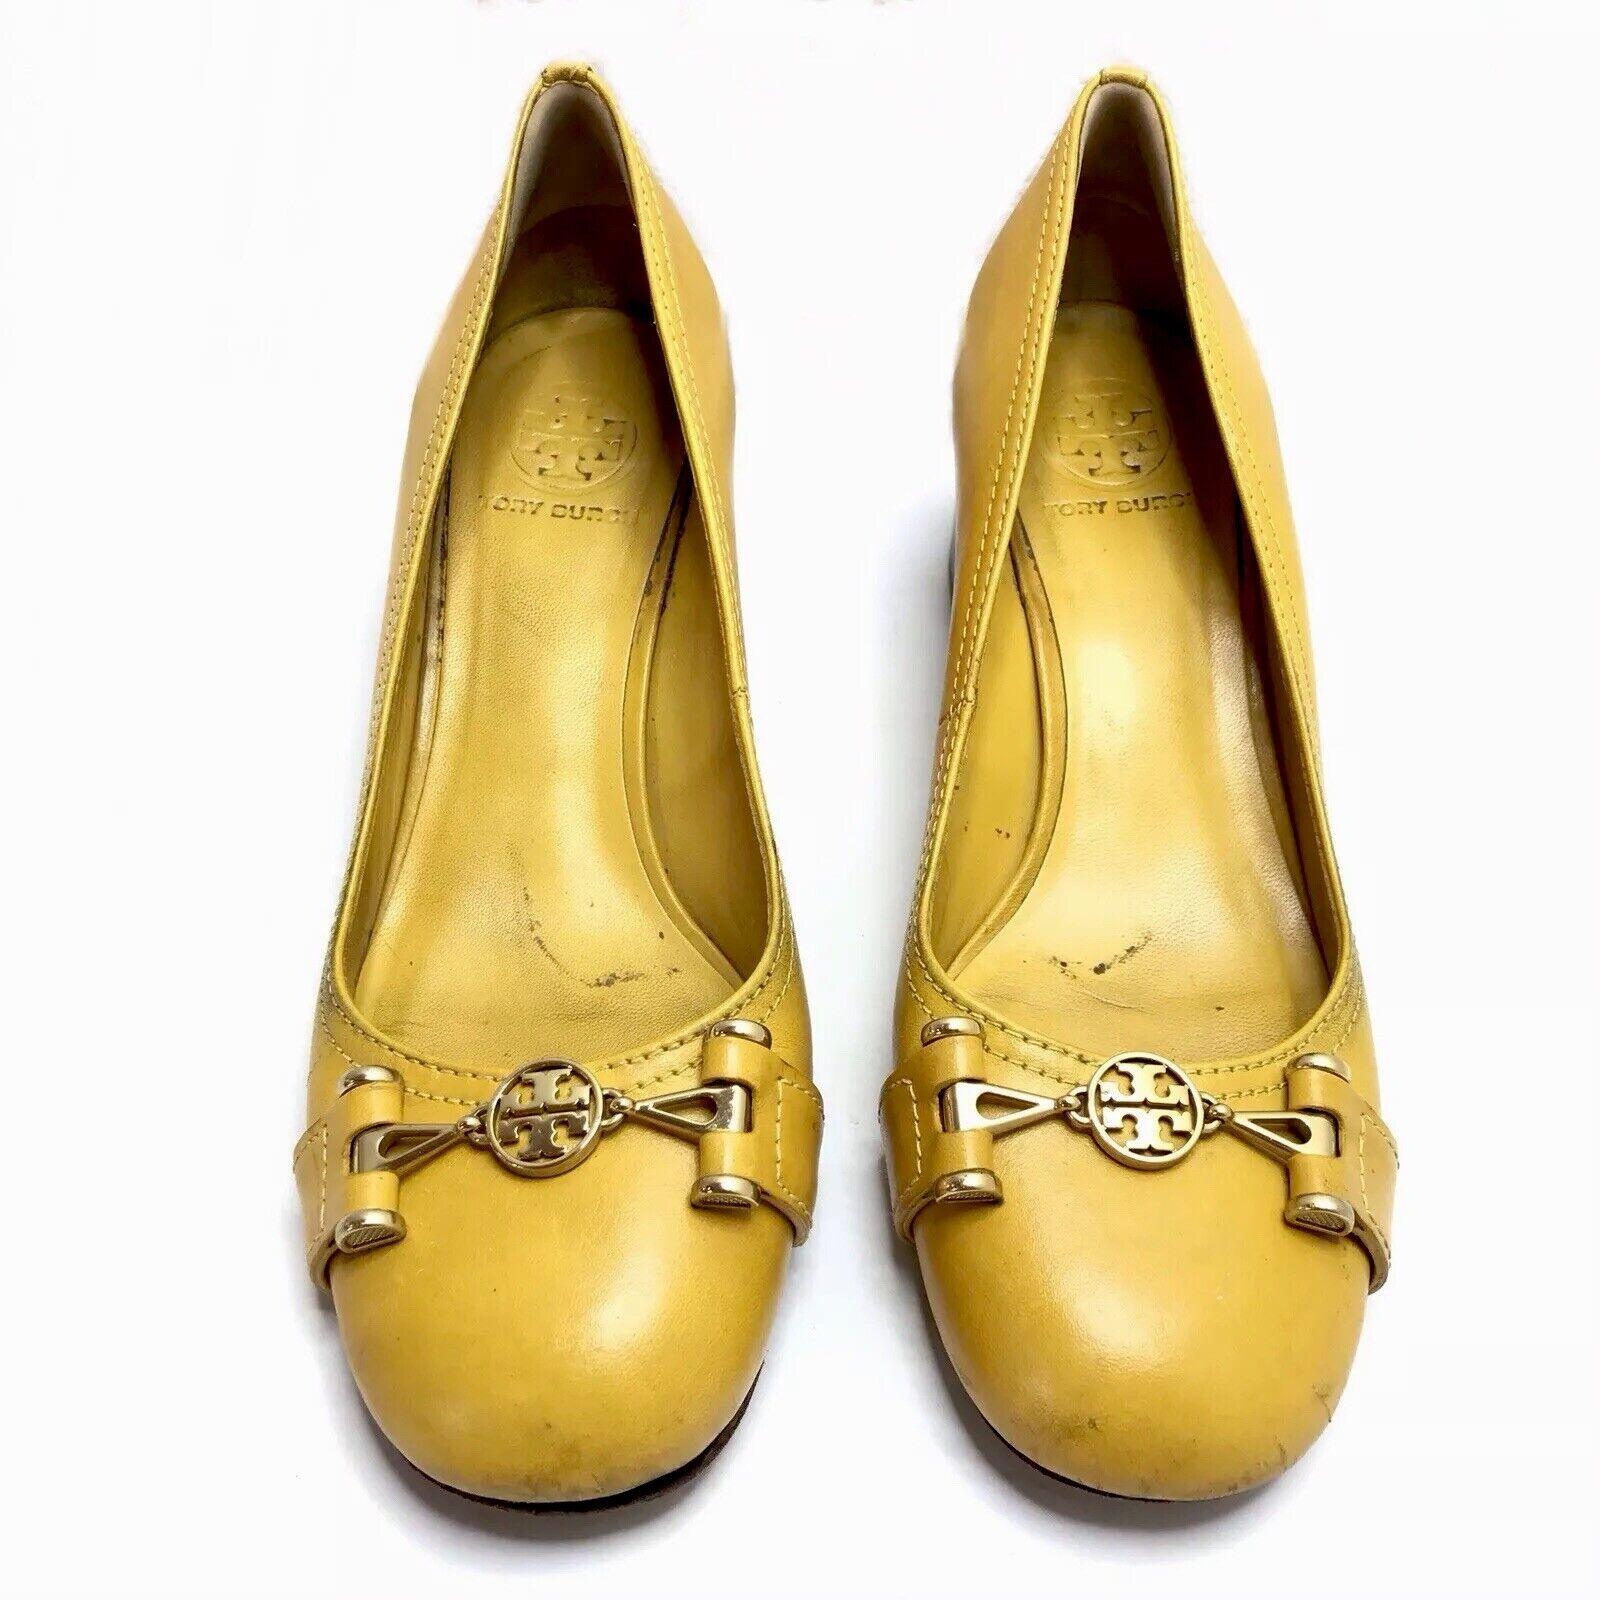 Tory Burch Heels Pumps Yellow Logo Emblem Women's 8.5